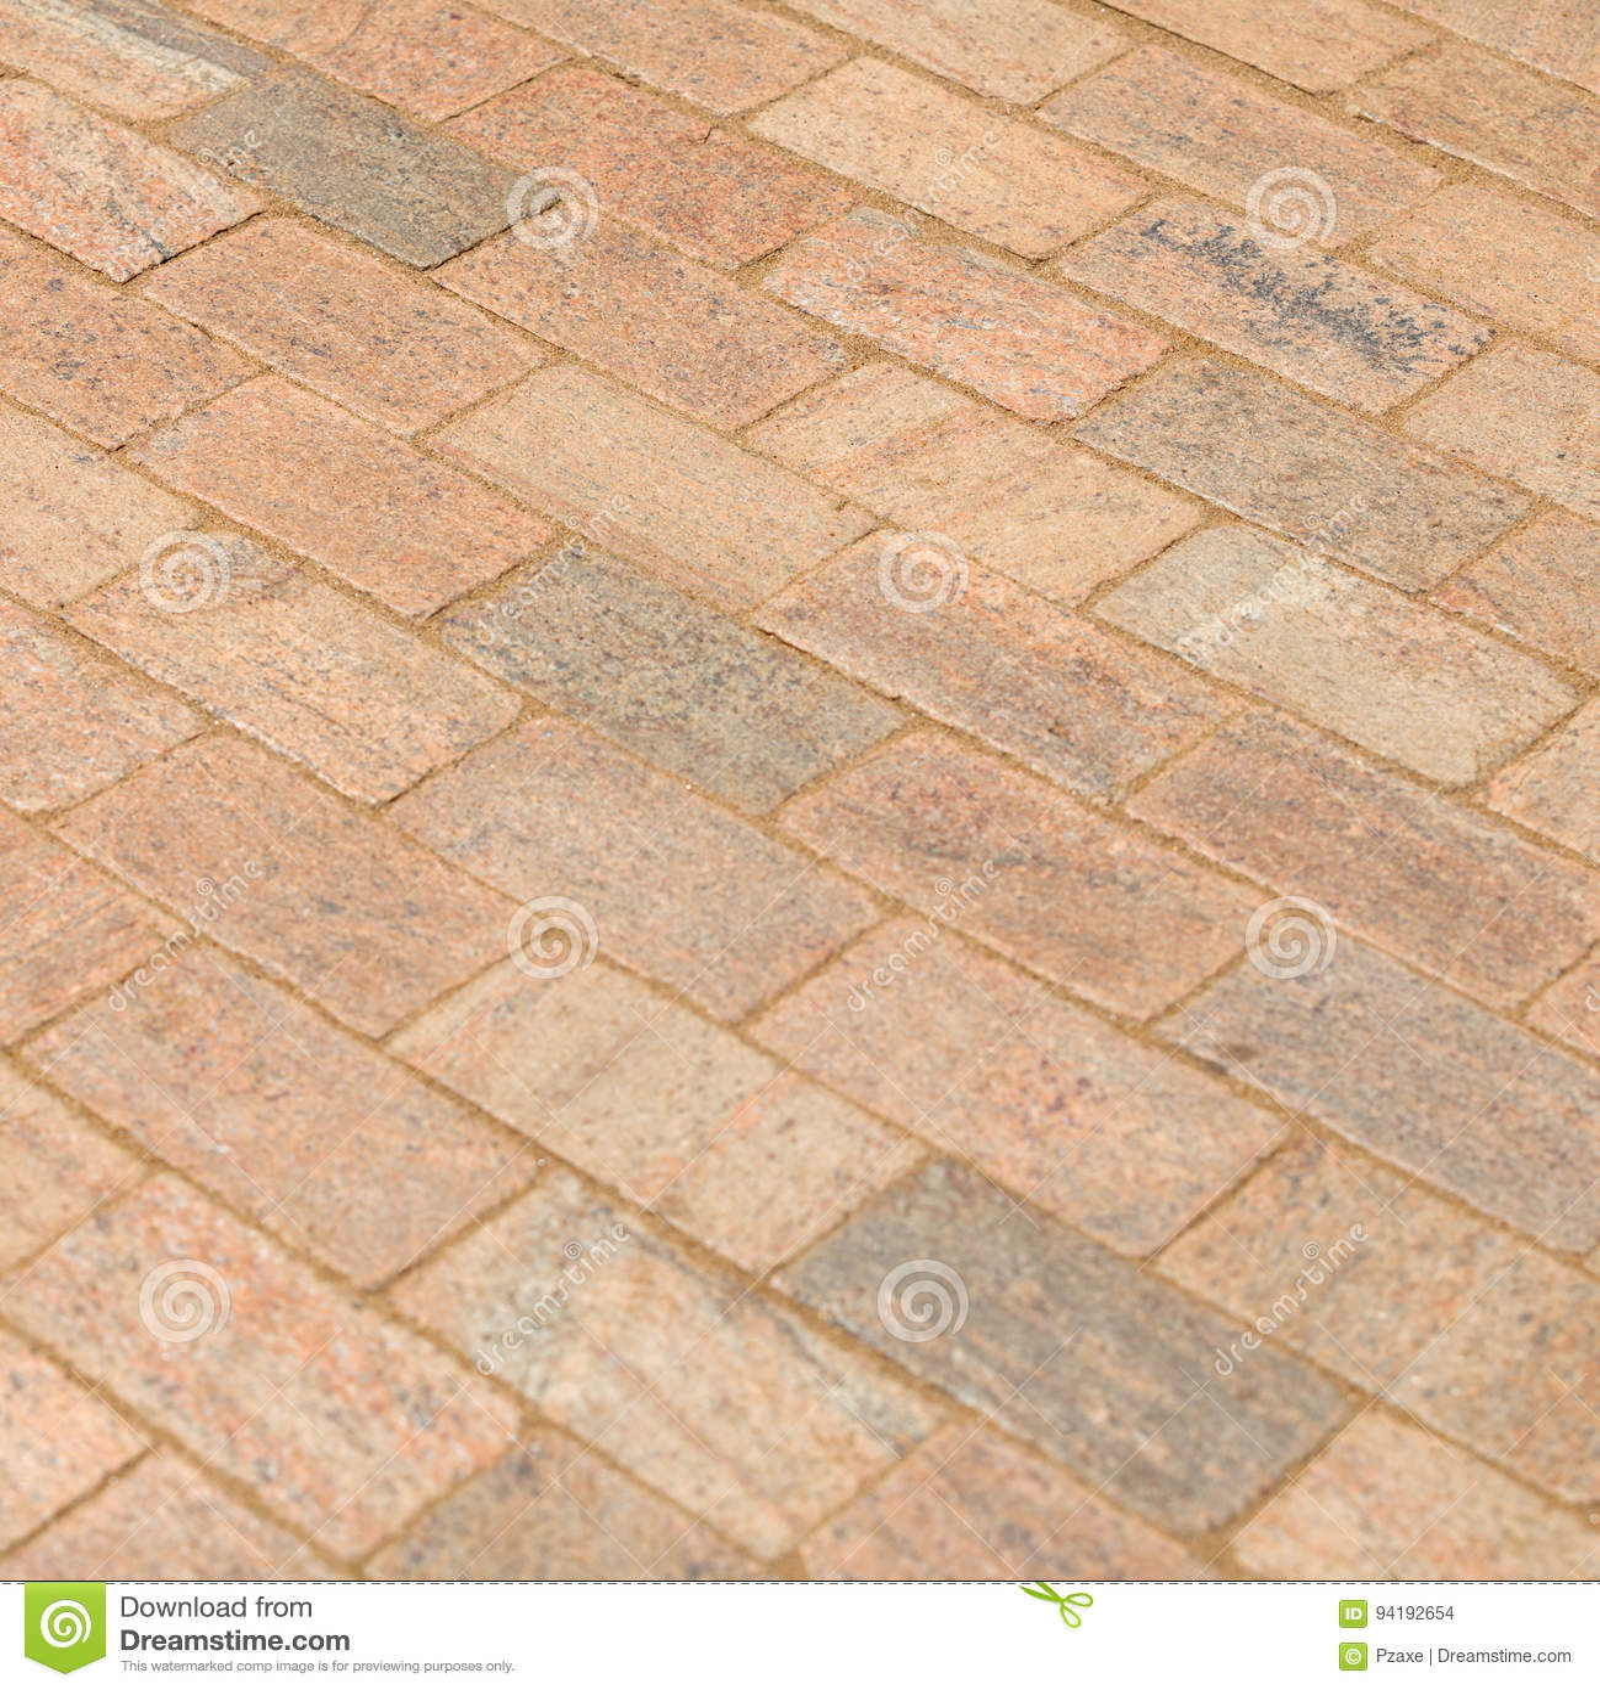 Fußboden Stein fussboden stein hausdesigns co